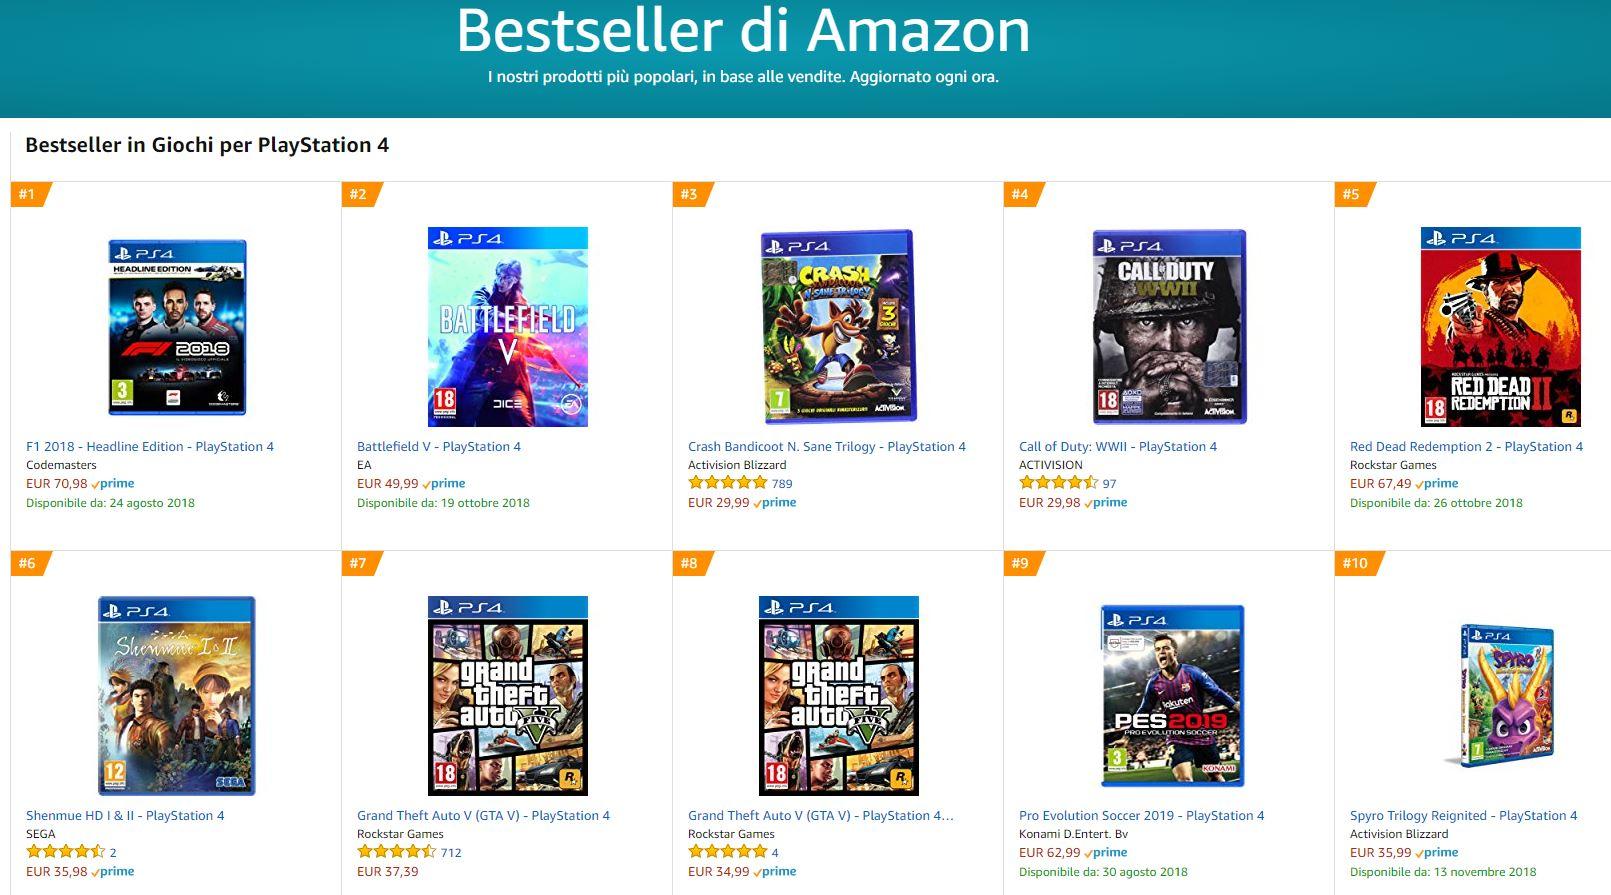 Shenmue 1&2 al Sesto Posto tra i giochi PS4 più venduti su Amazon Italia